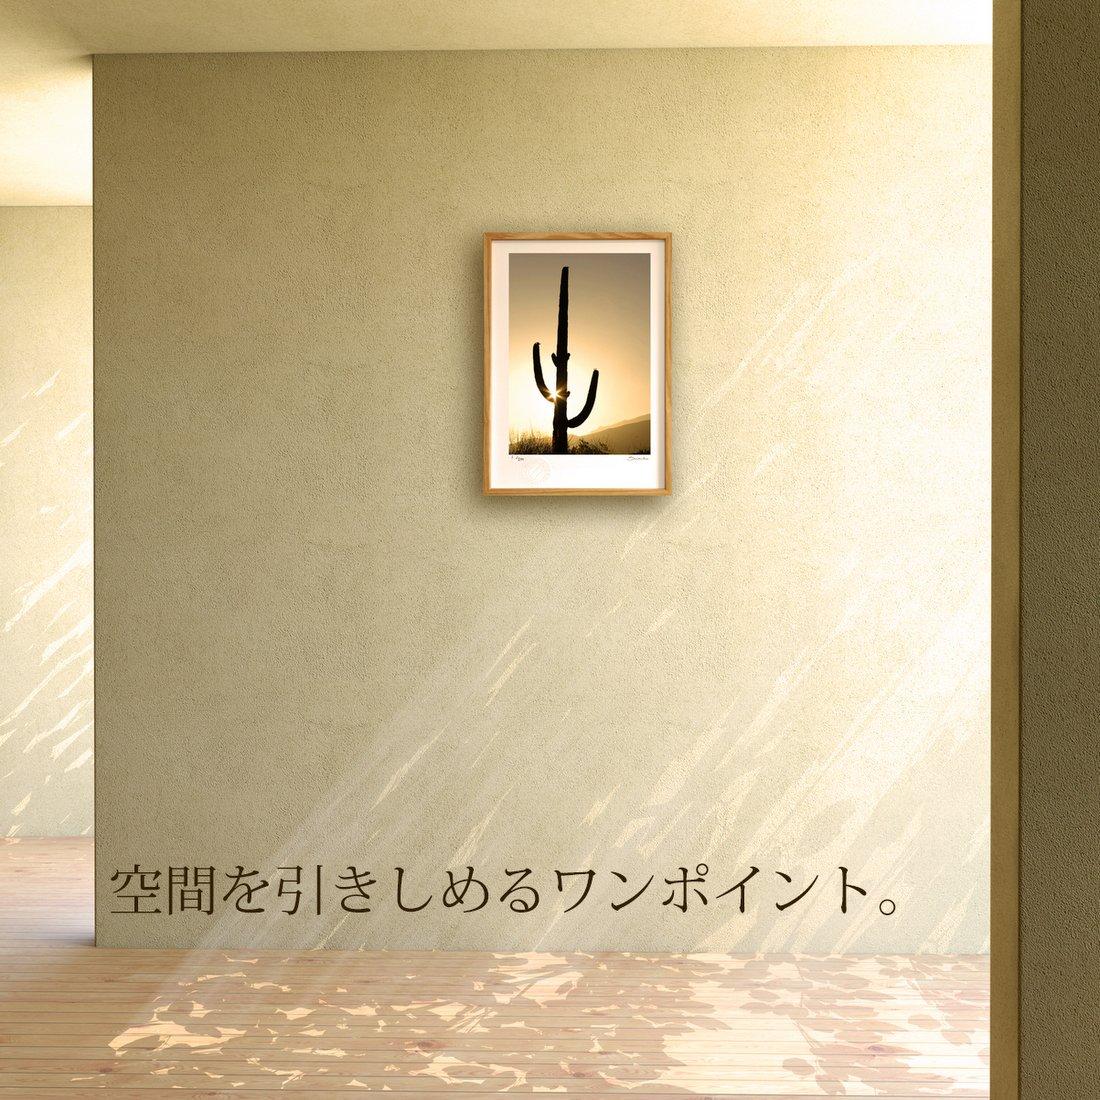 【版画 絵画】アシカの親子、ラホヤビーチ(スミコ スコット)/インテリア 壁掛け 額入り アート アートパネル アートフレーム